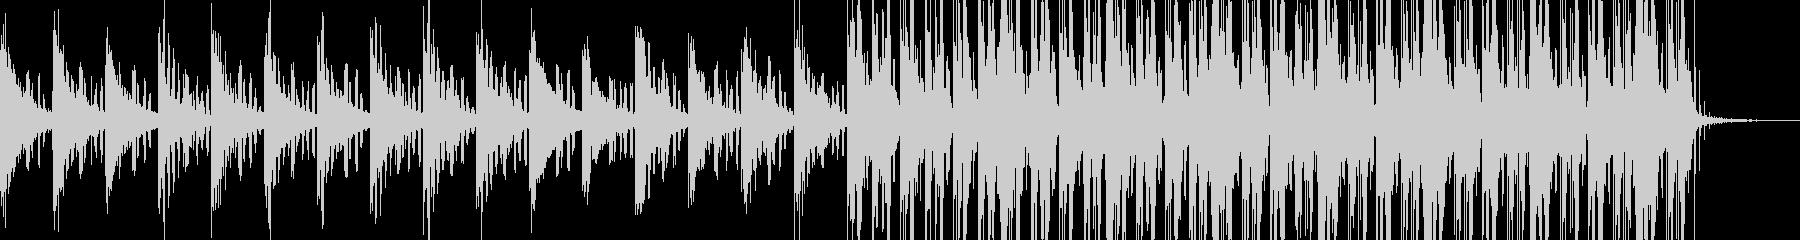 実用的シンセの無機質アンビエントBG10の未再生の波形